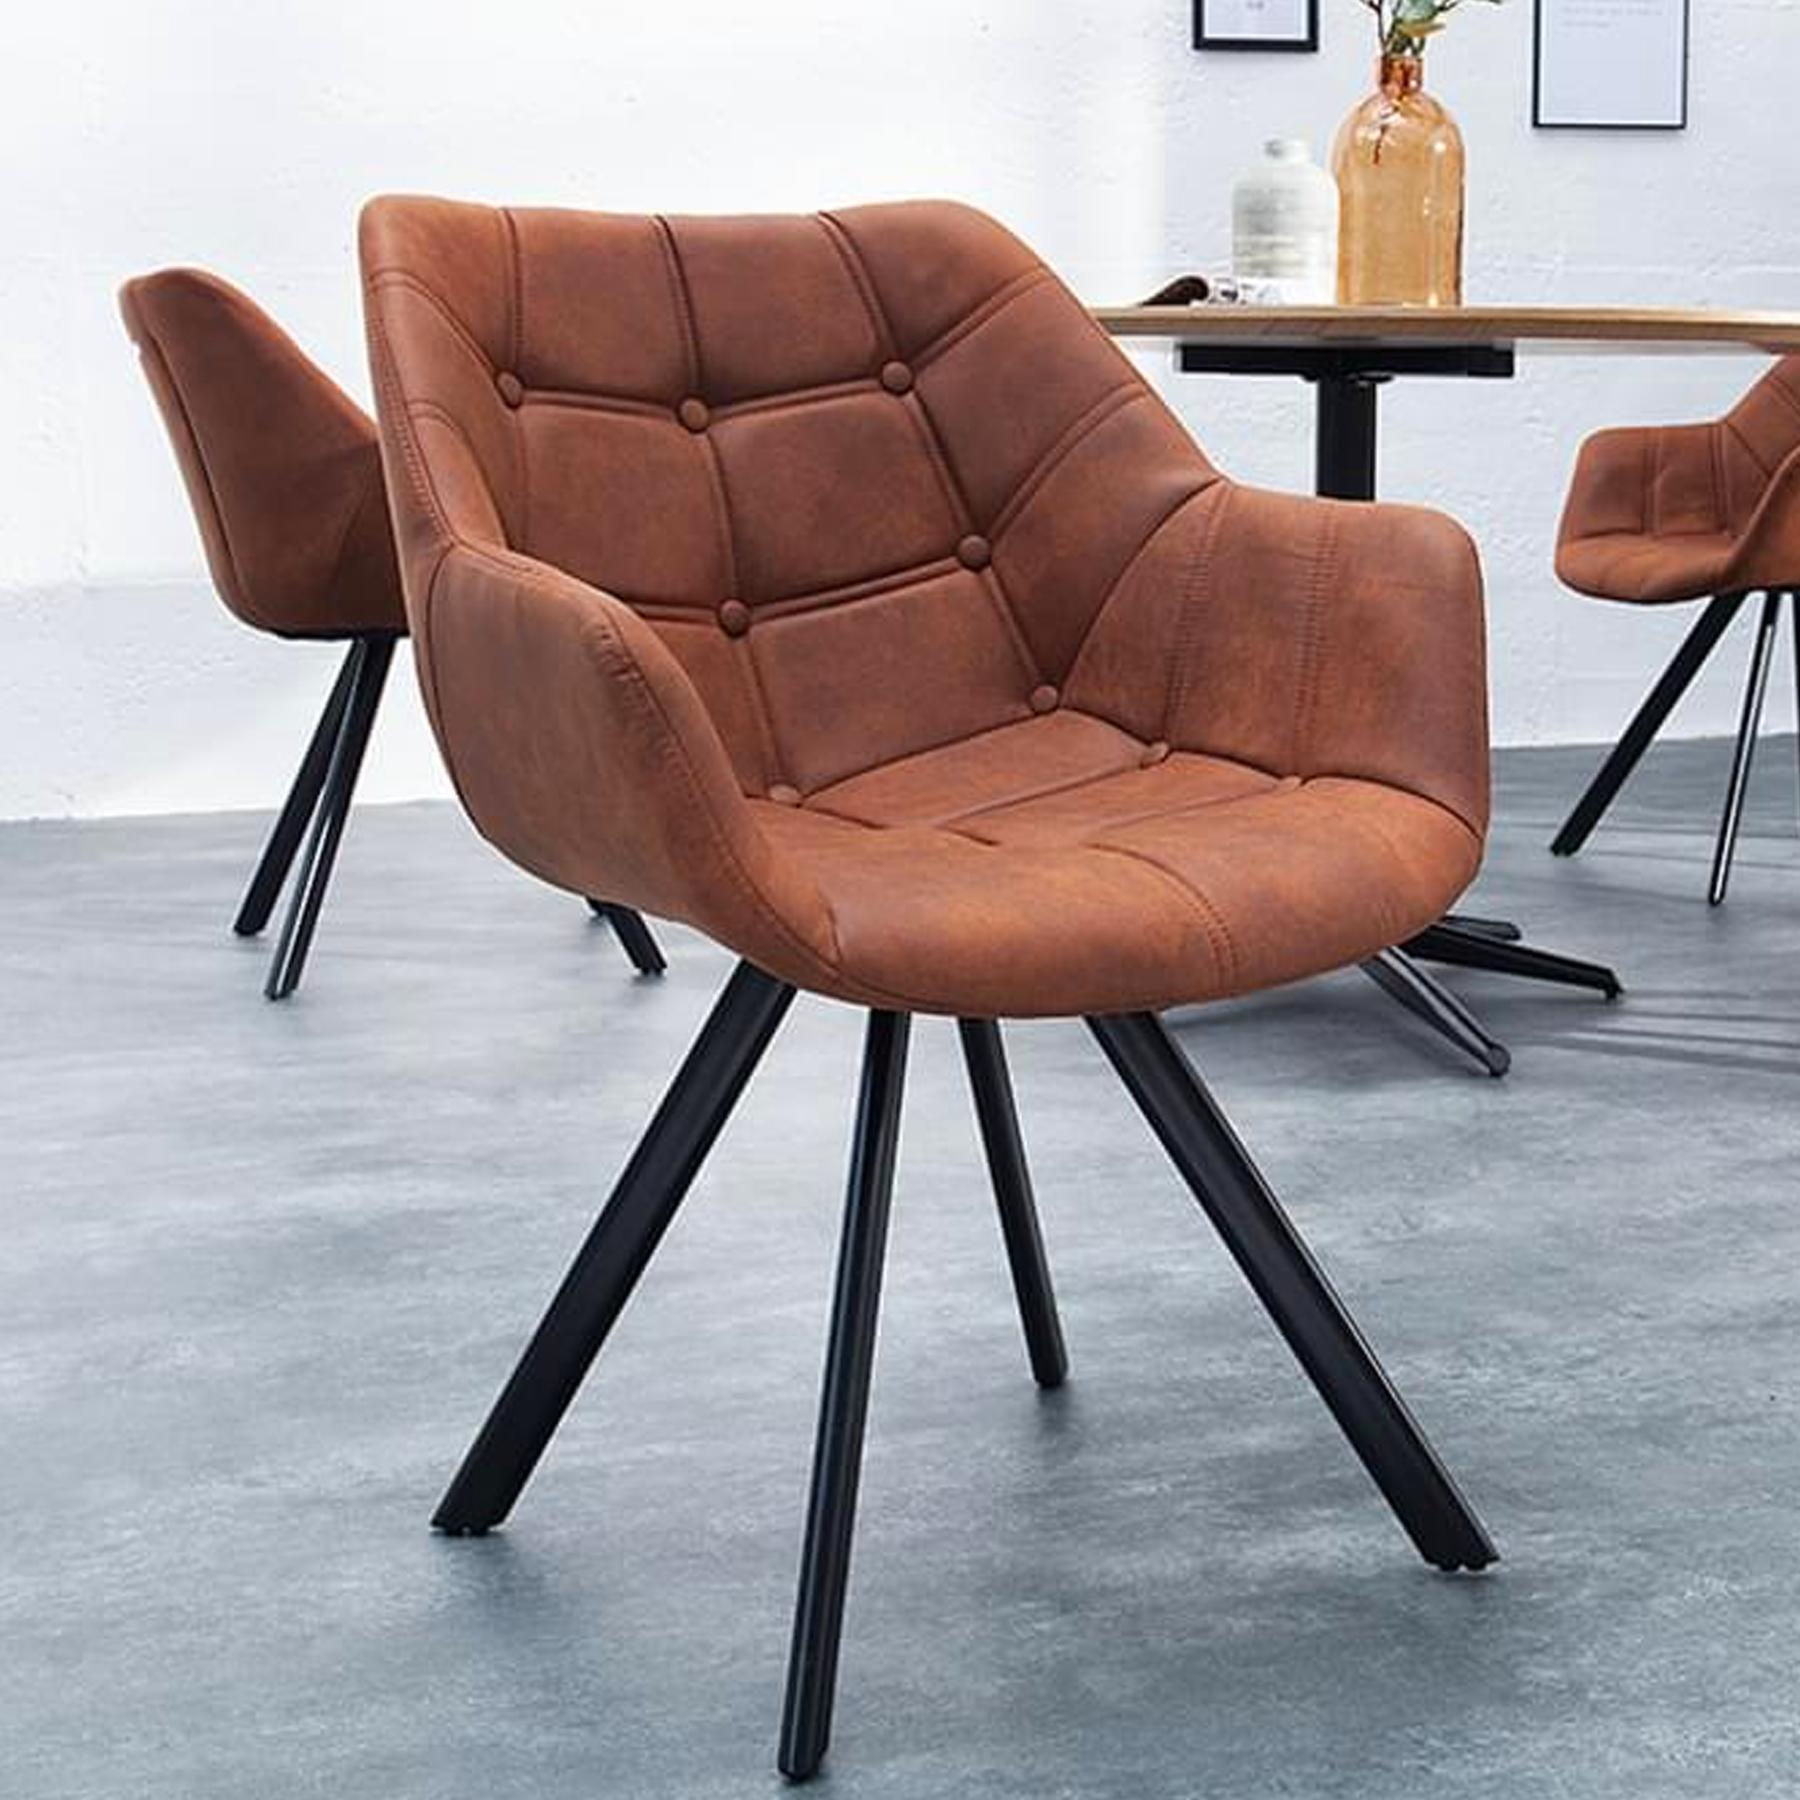 40+ Stuhl mit schwarzen beinen 2021 ideen